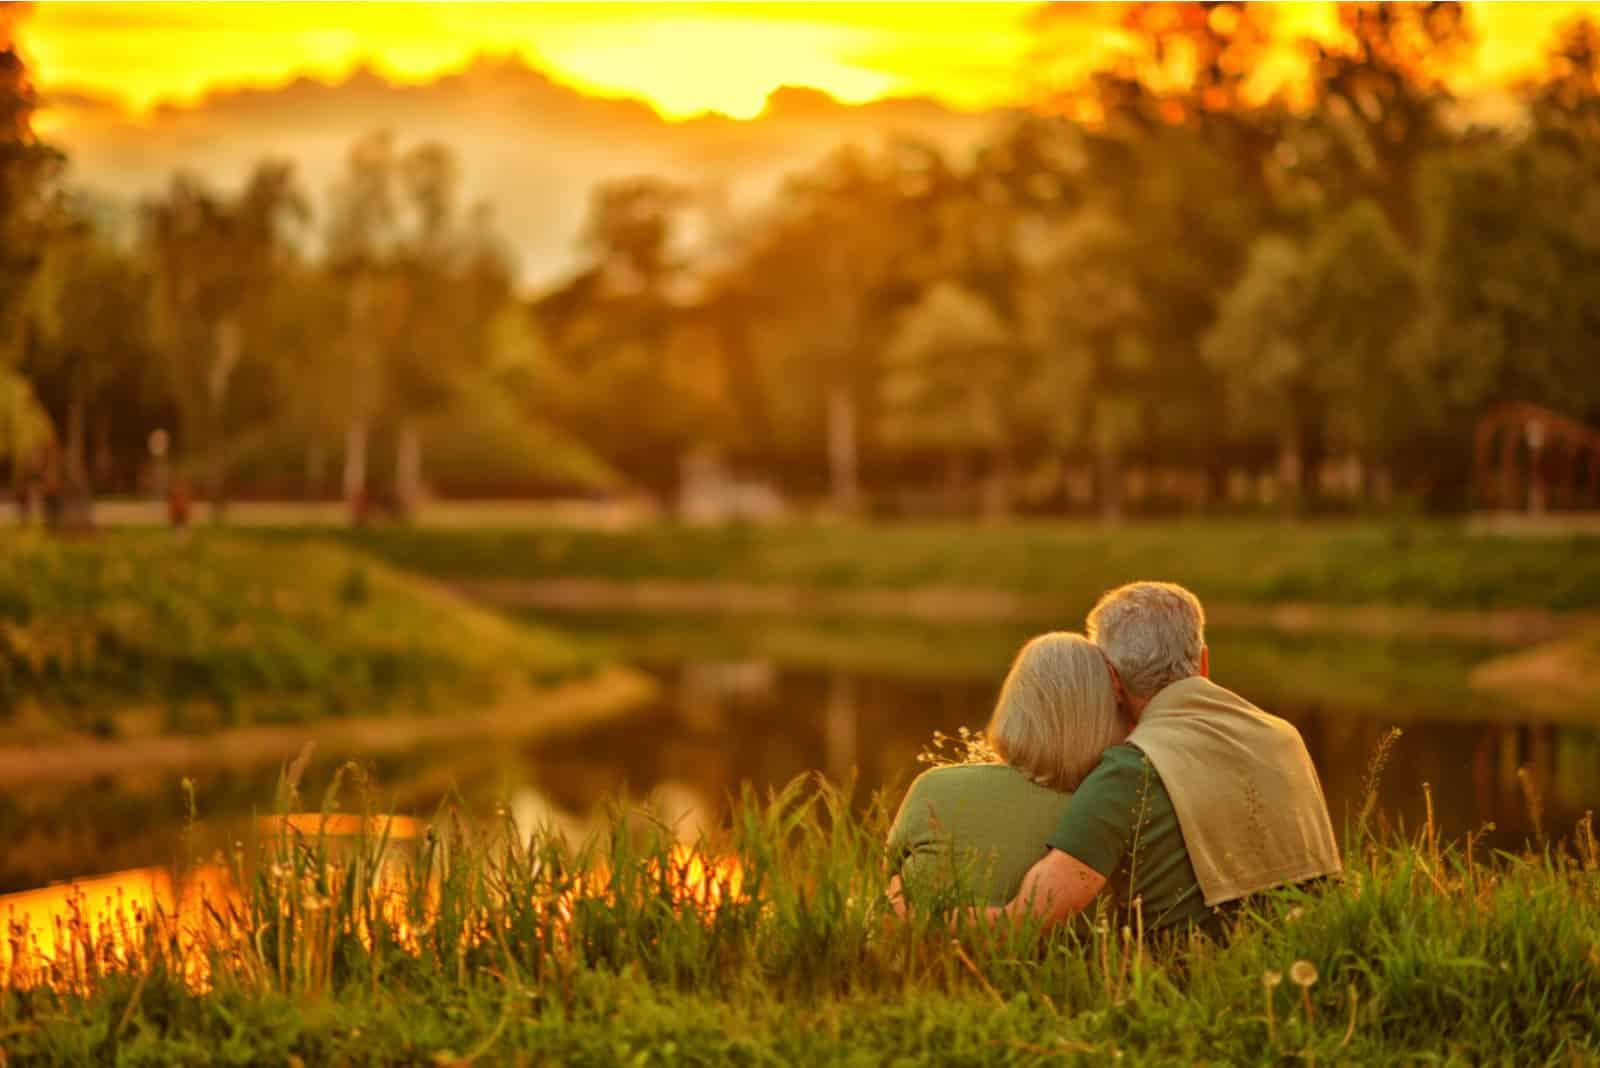 Bei Sonnenuntergang am Ufer des Sees umarmt sich ein älteres Ehepaar